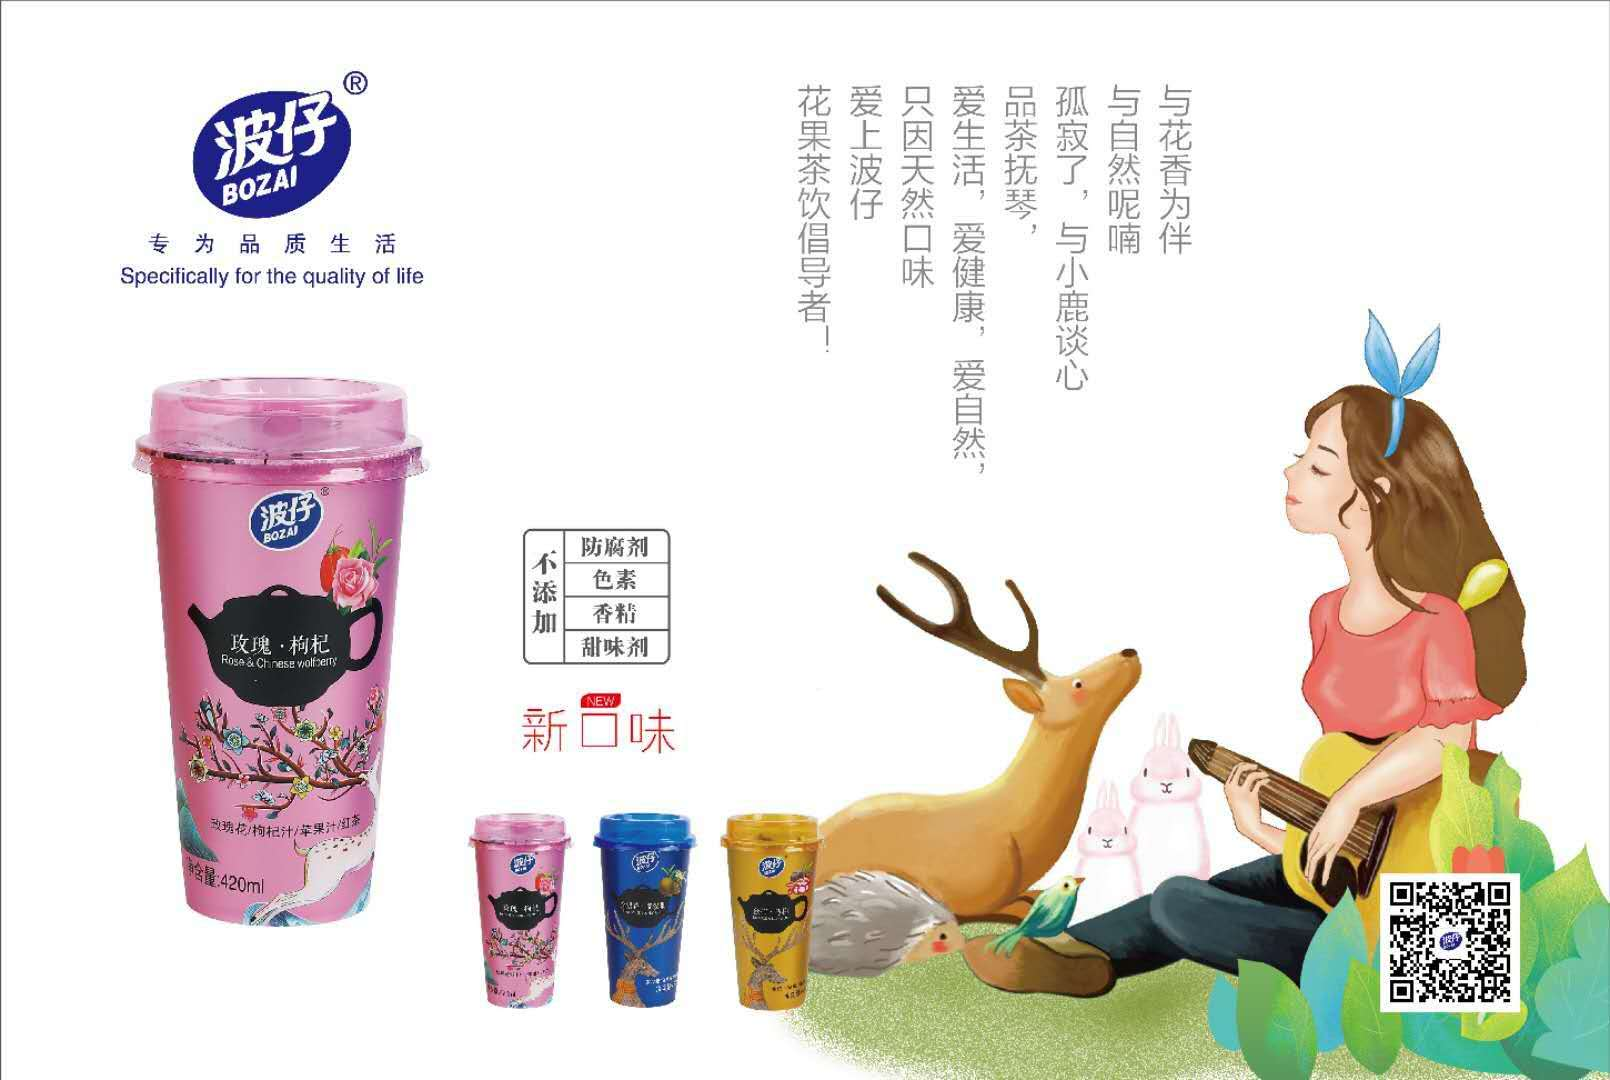 花果茶广告画